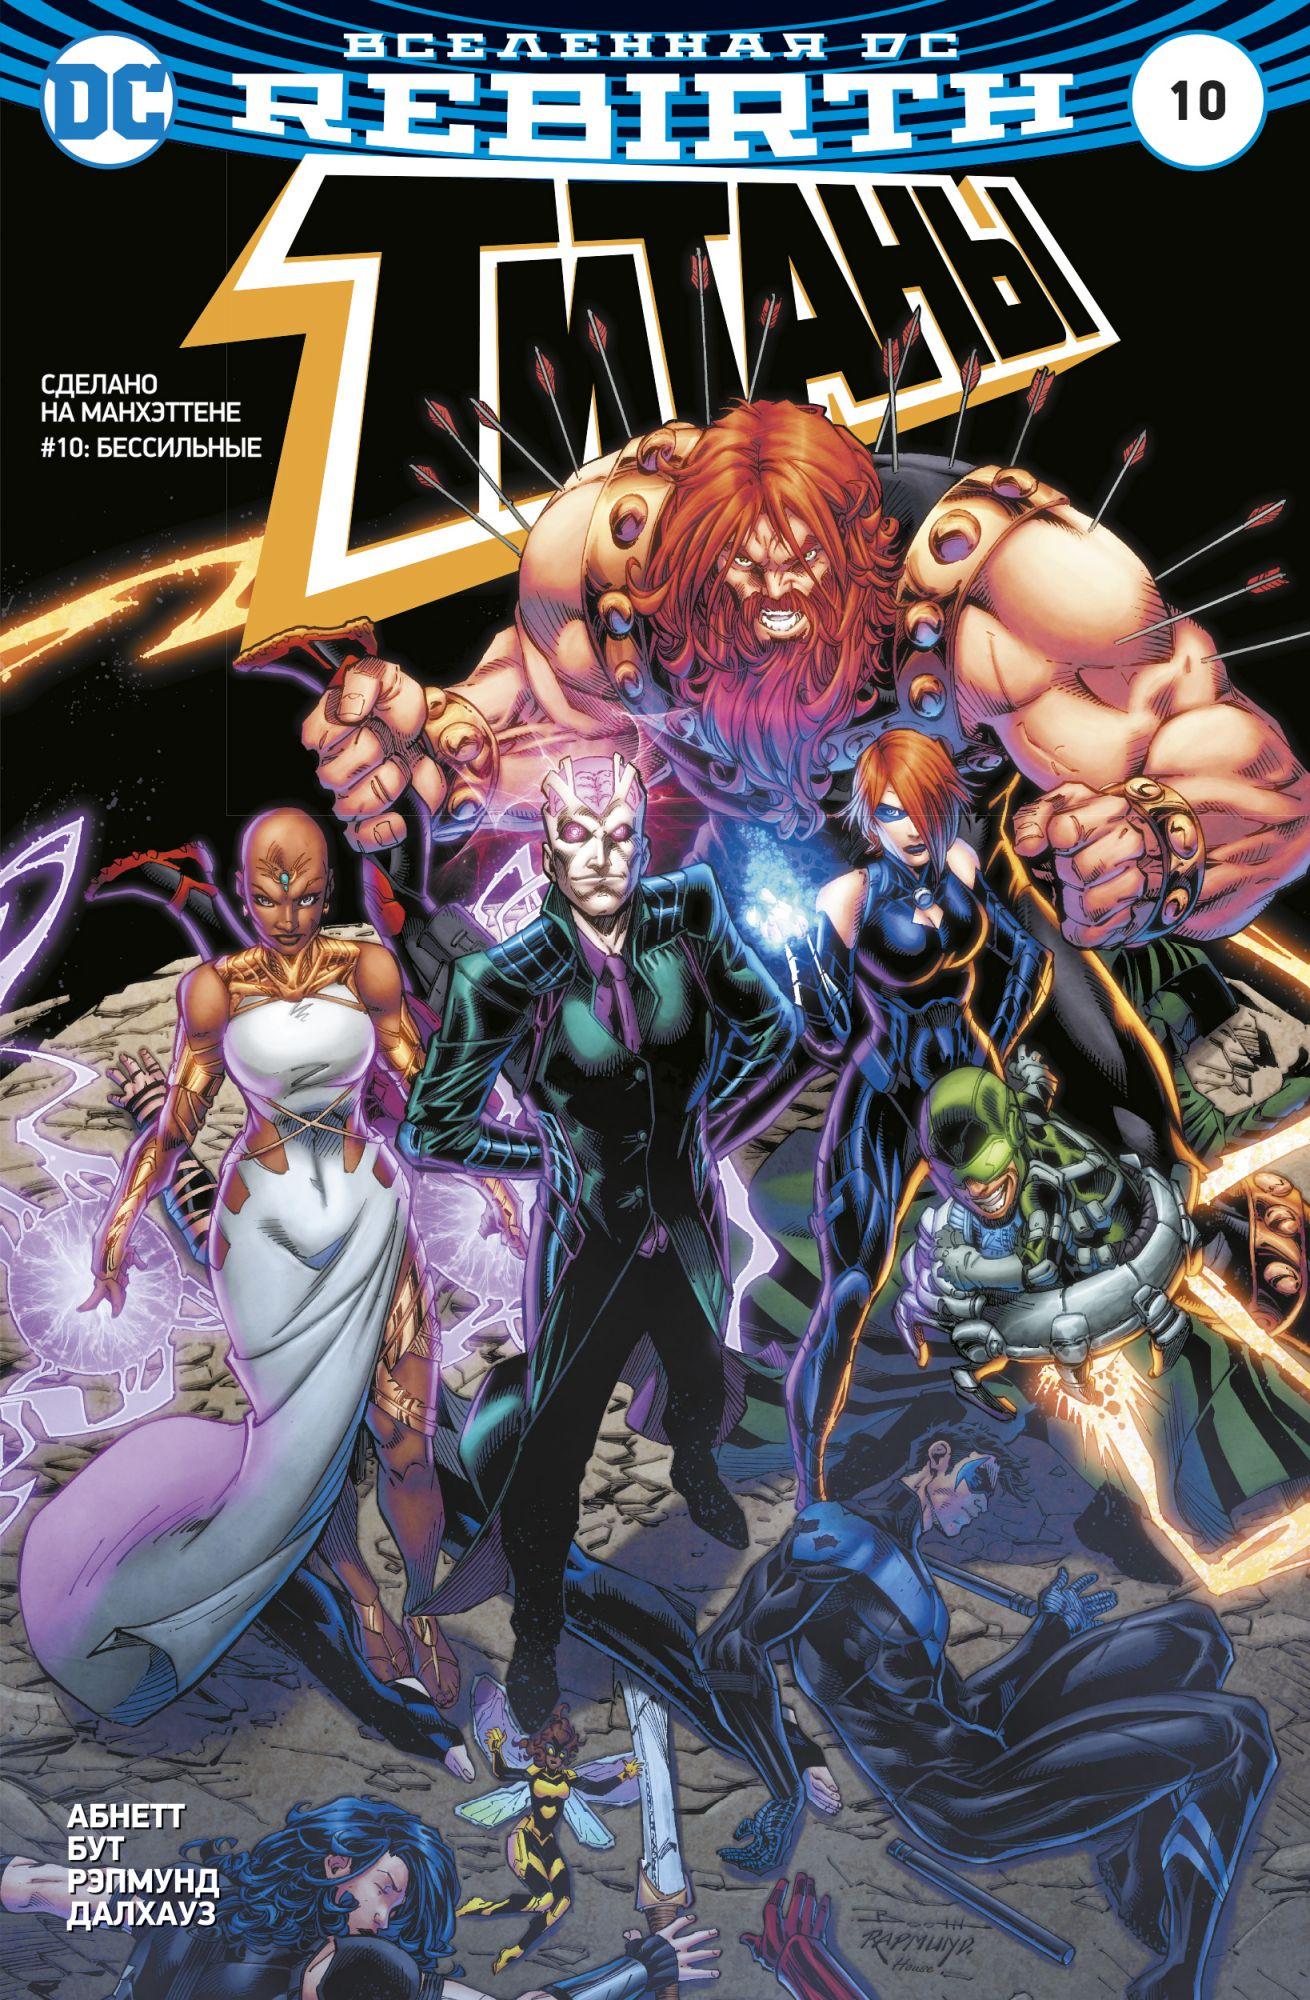 Графический роман Вселенная DC. Rebirth Титаны #10 / Красный Колпак и Изгои #5-6